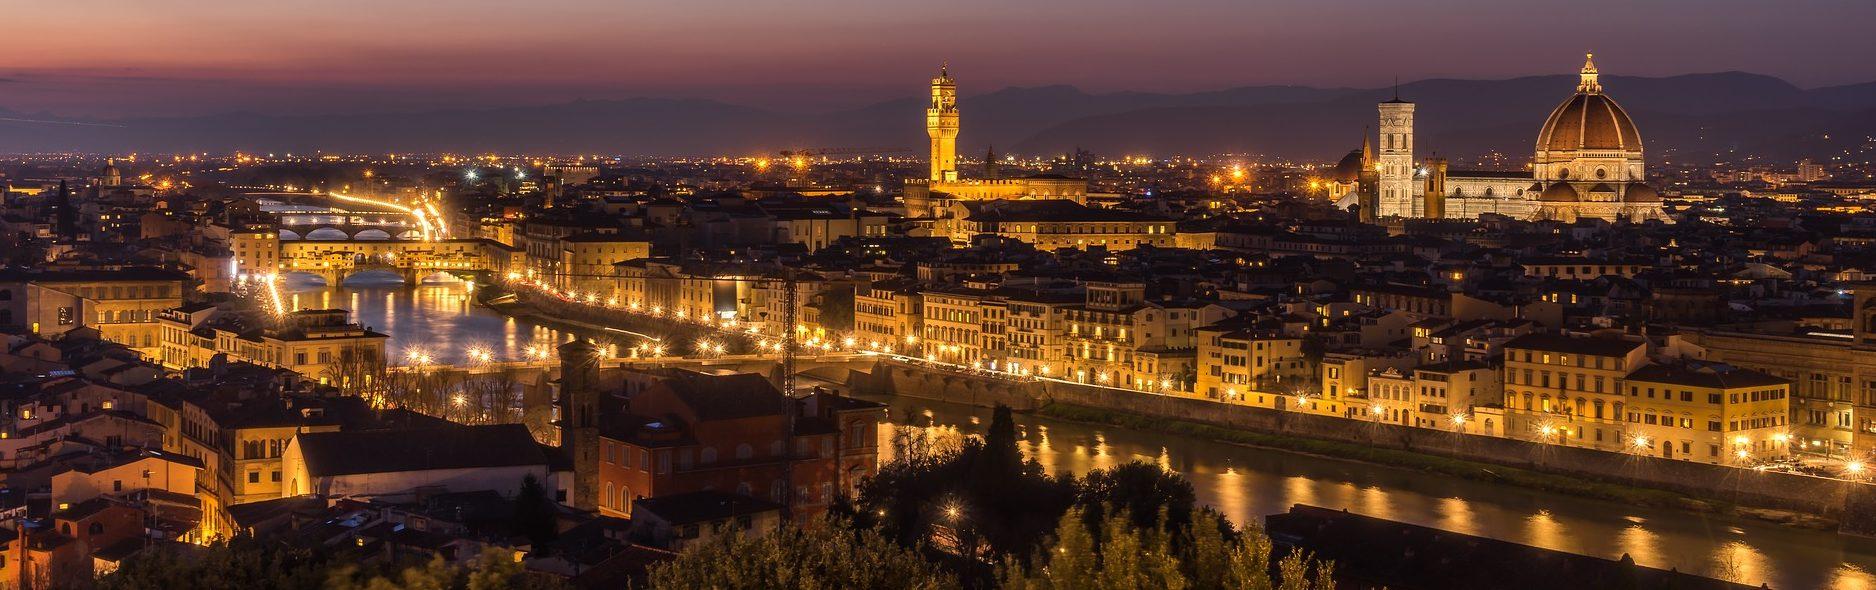 EU個人輸入コンシェルジュ@イタリアの ホームページへようこそ。イタリアのフィレンツェを拠点に転送、購入代行、アテンドなどの個人輸入のサポートを行います。